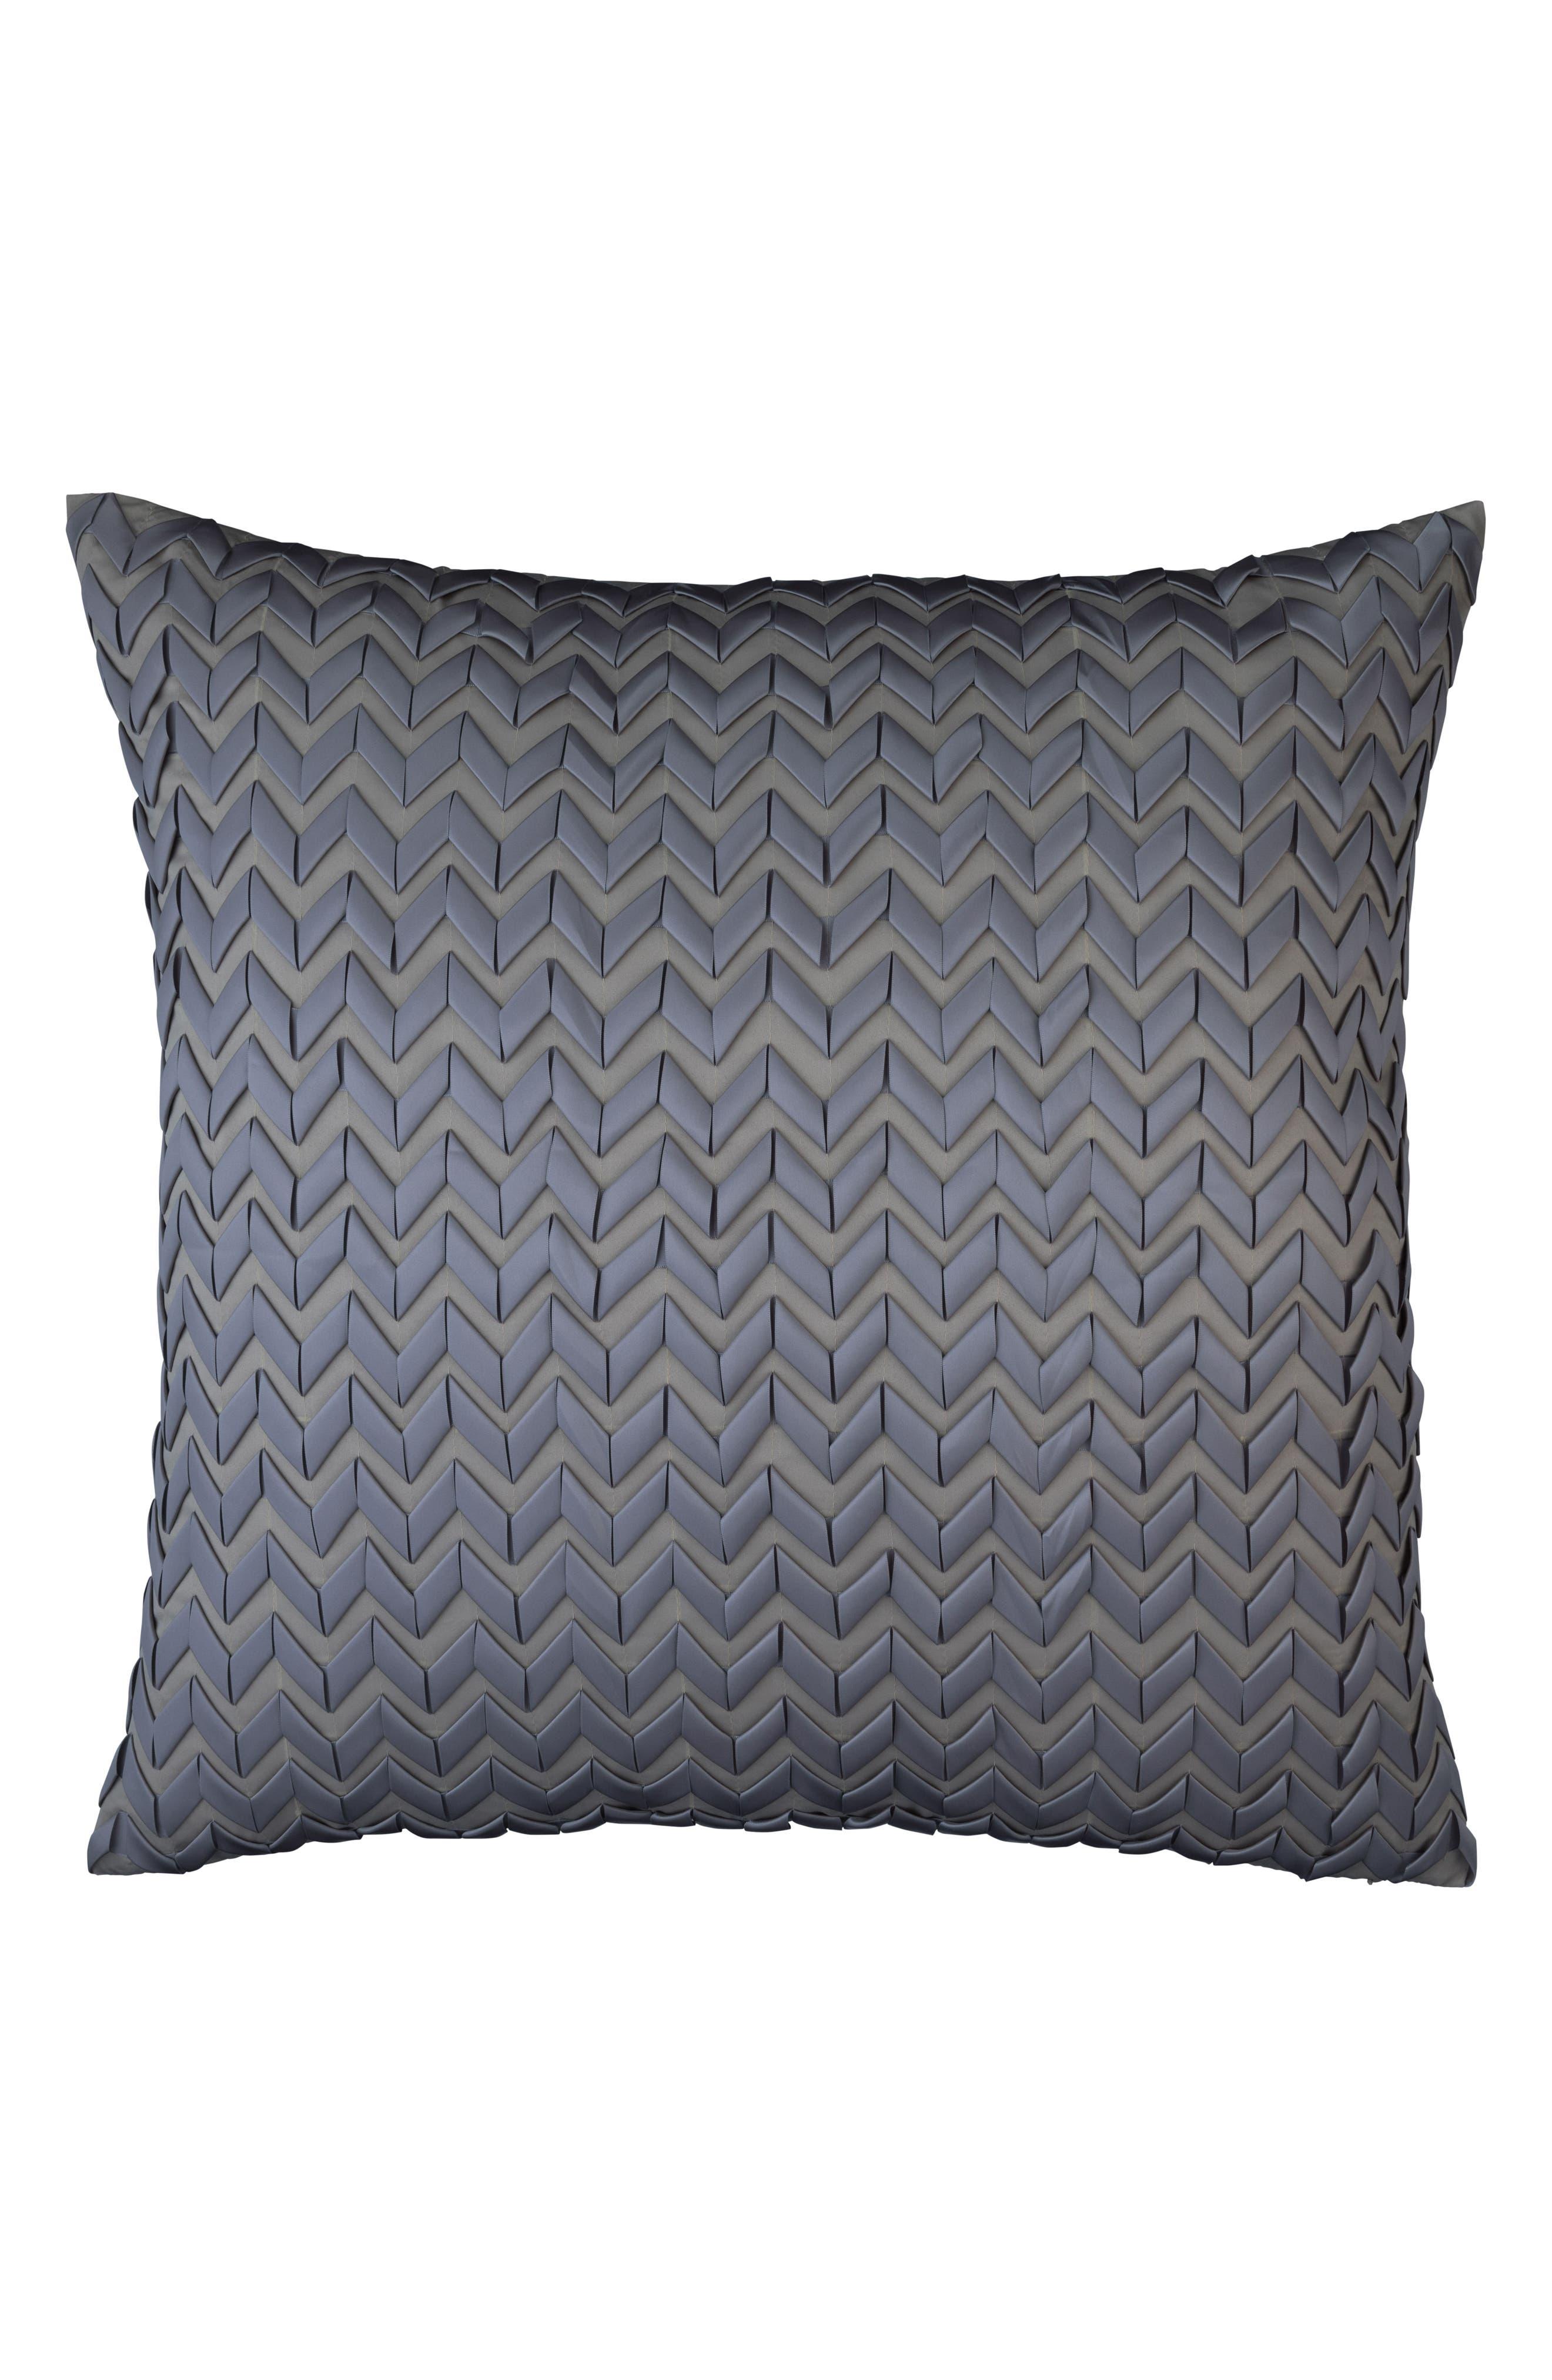 Ultra Ribbon Euro Accent Pillow,                             Main thumbnail 1, color,                             Gray